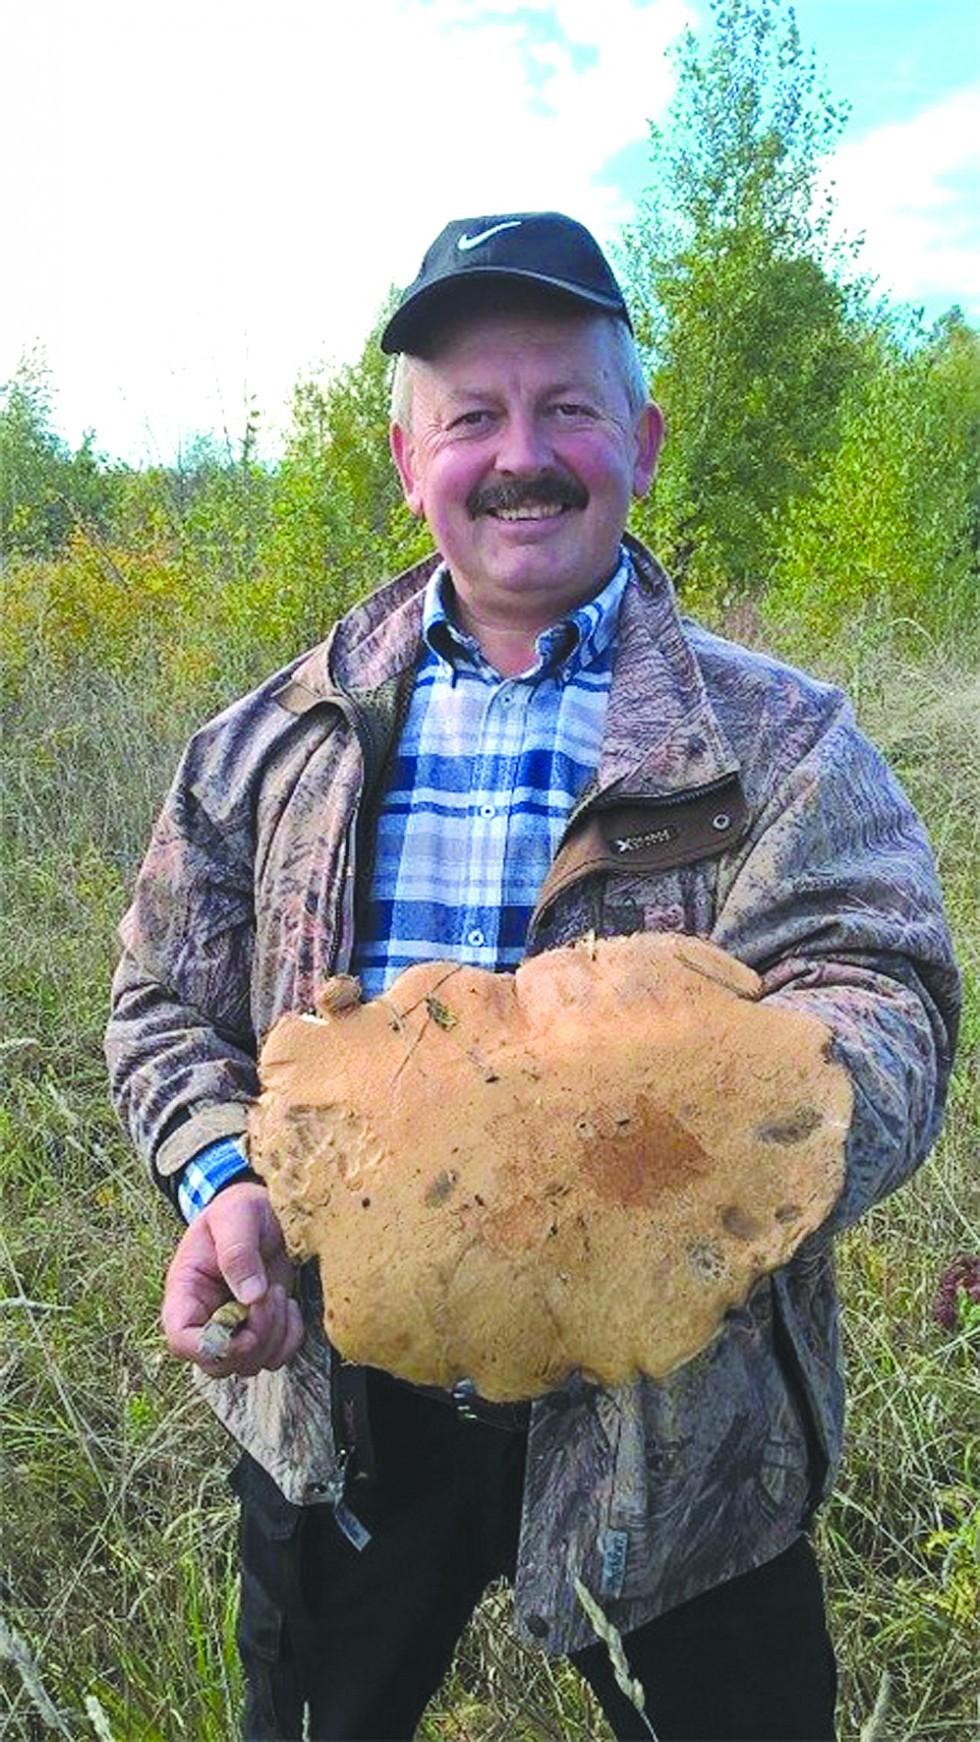 На фото з Facebook: житель Нововолинська Юрій Єлева знайшов велетенський червоноголовець діаметром 30 сантиметрів і вагою 1250 грамів